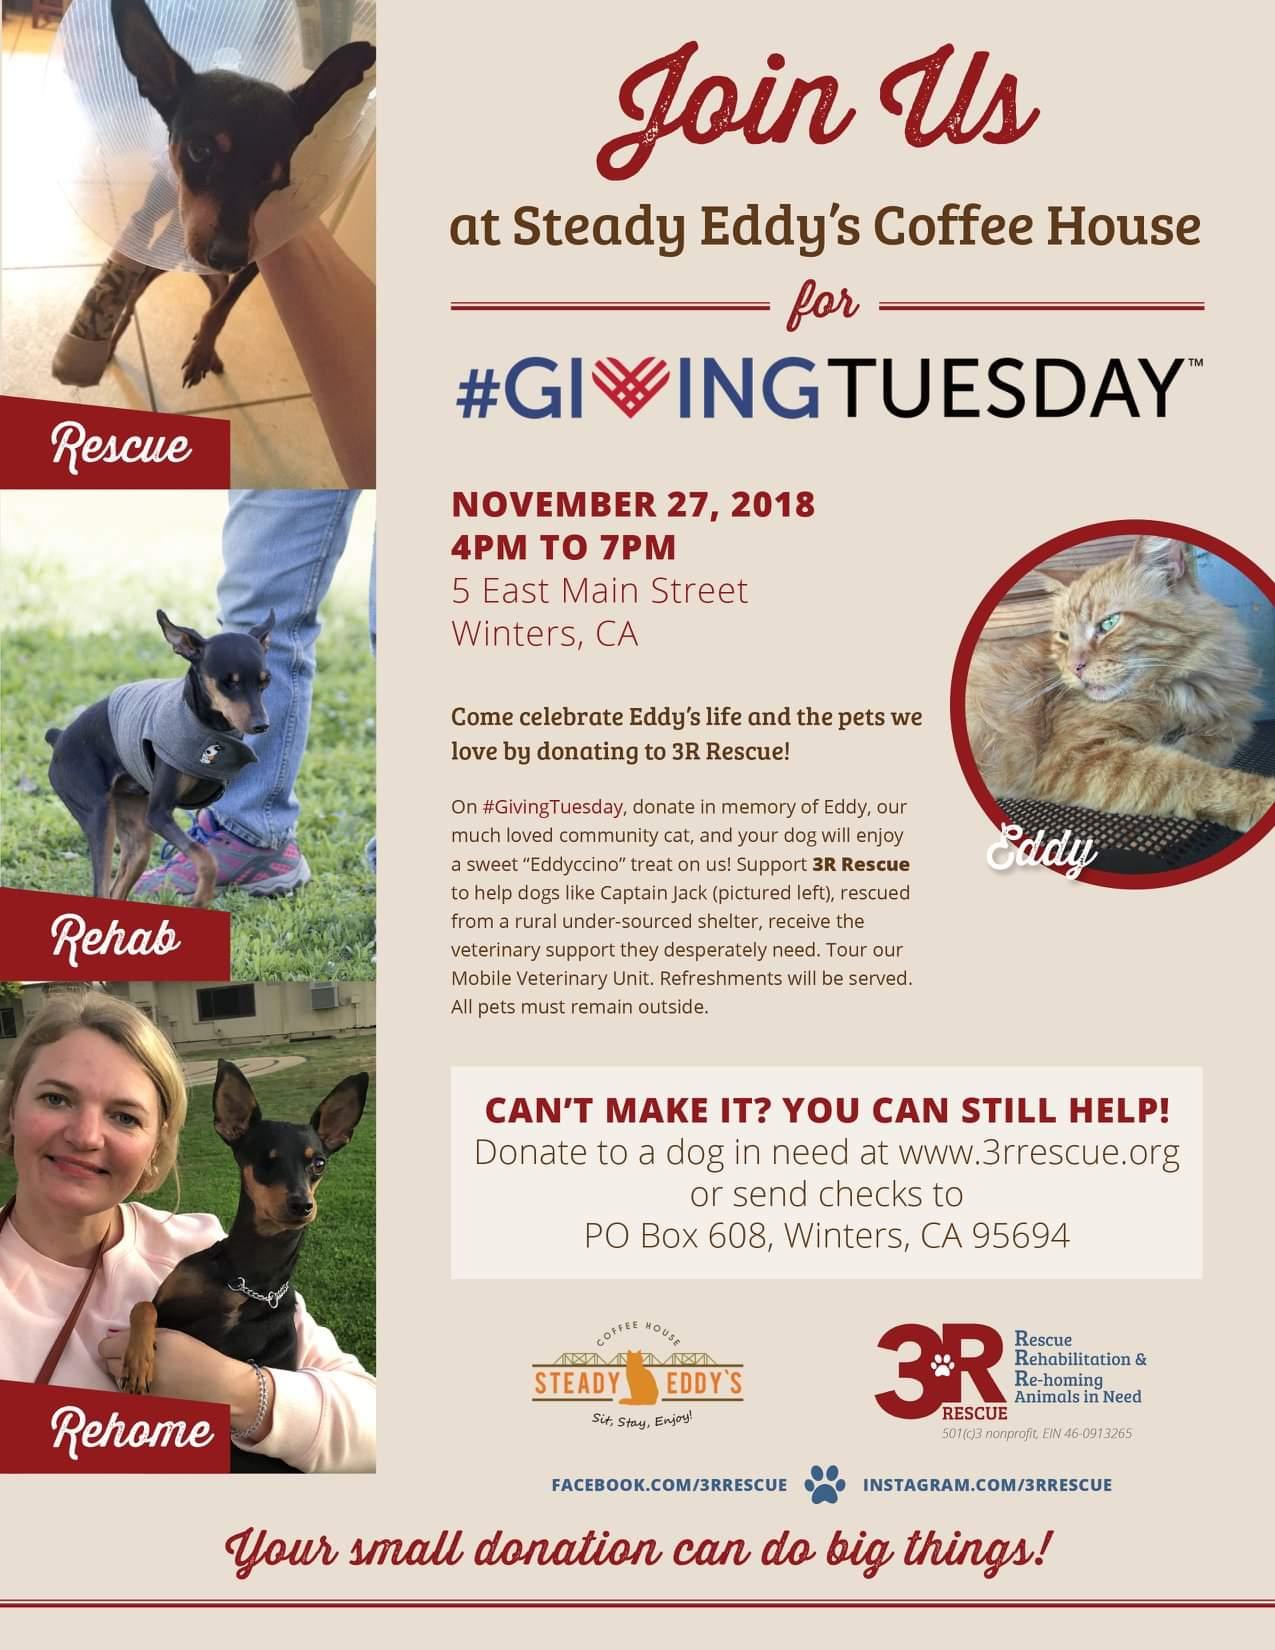 #GivingTuesday Fundraiser